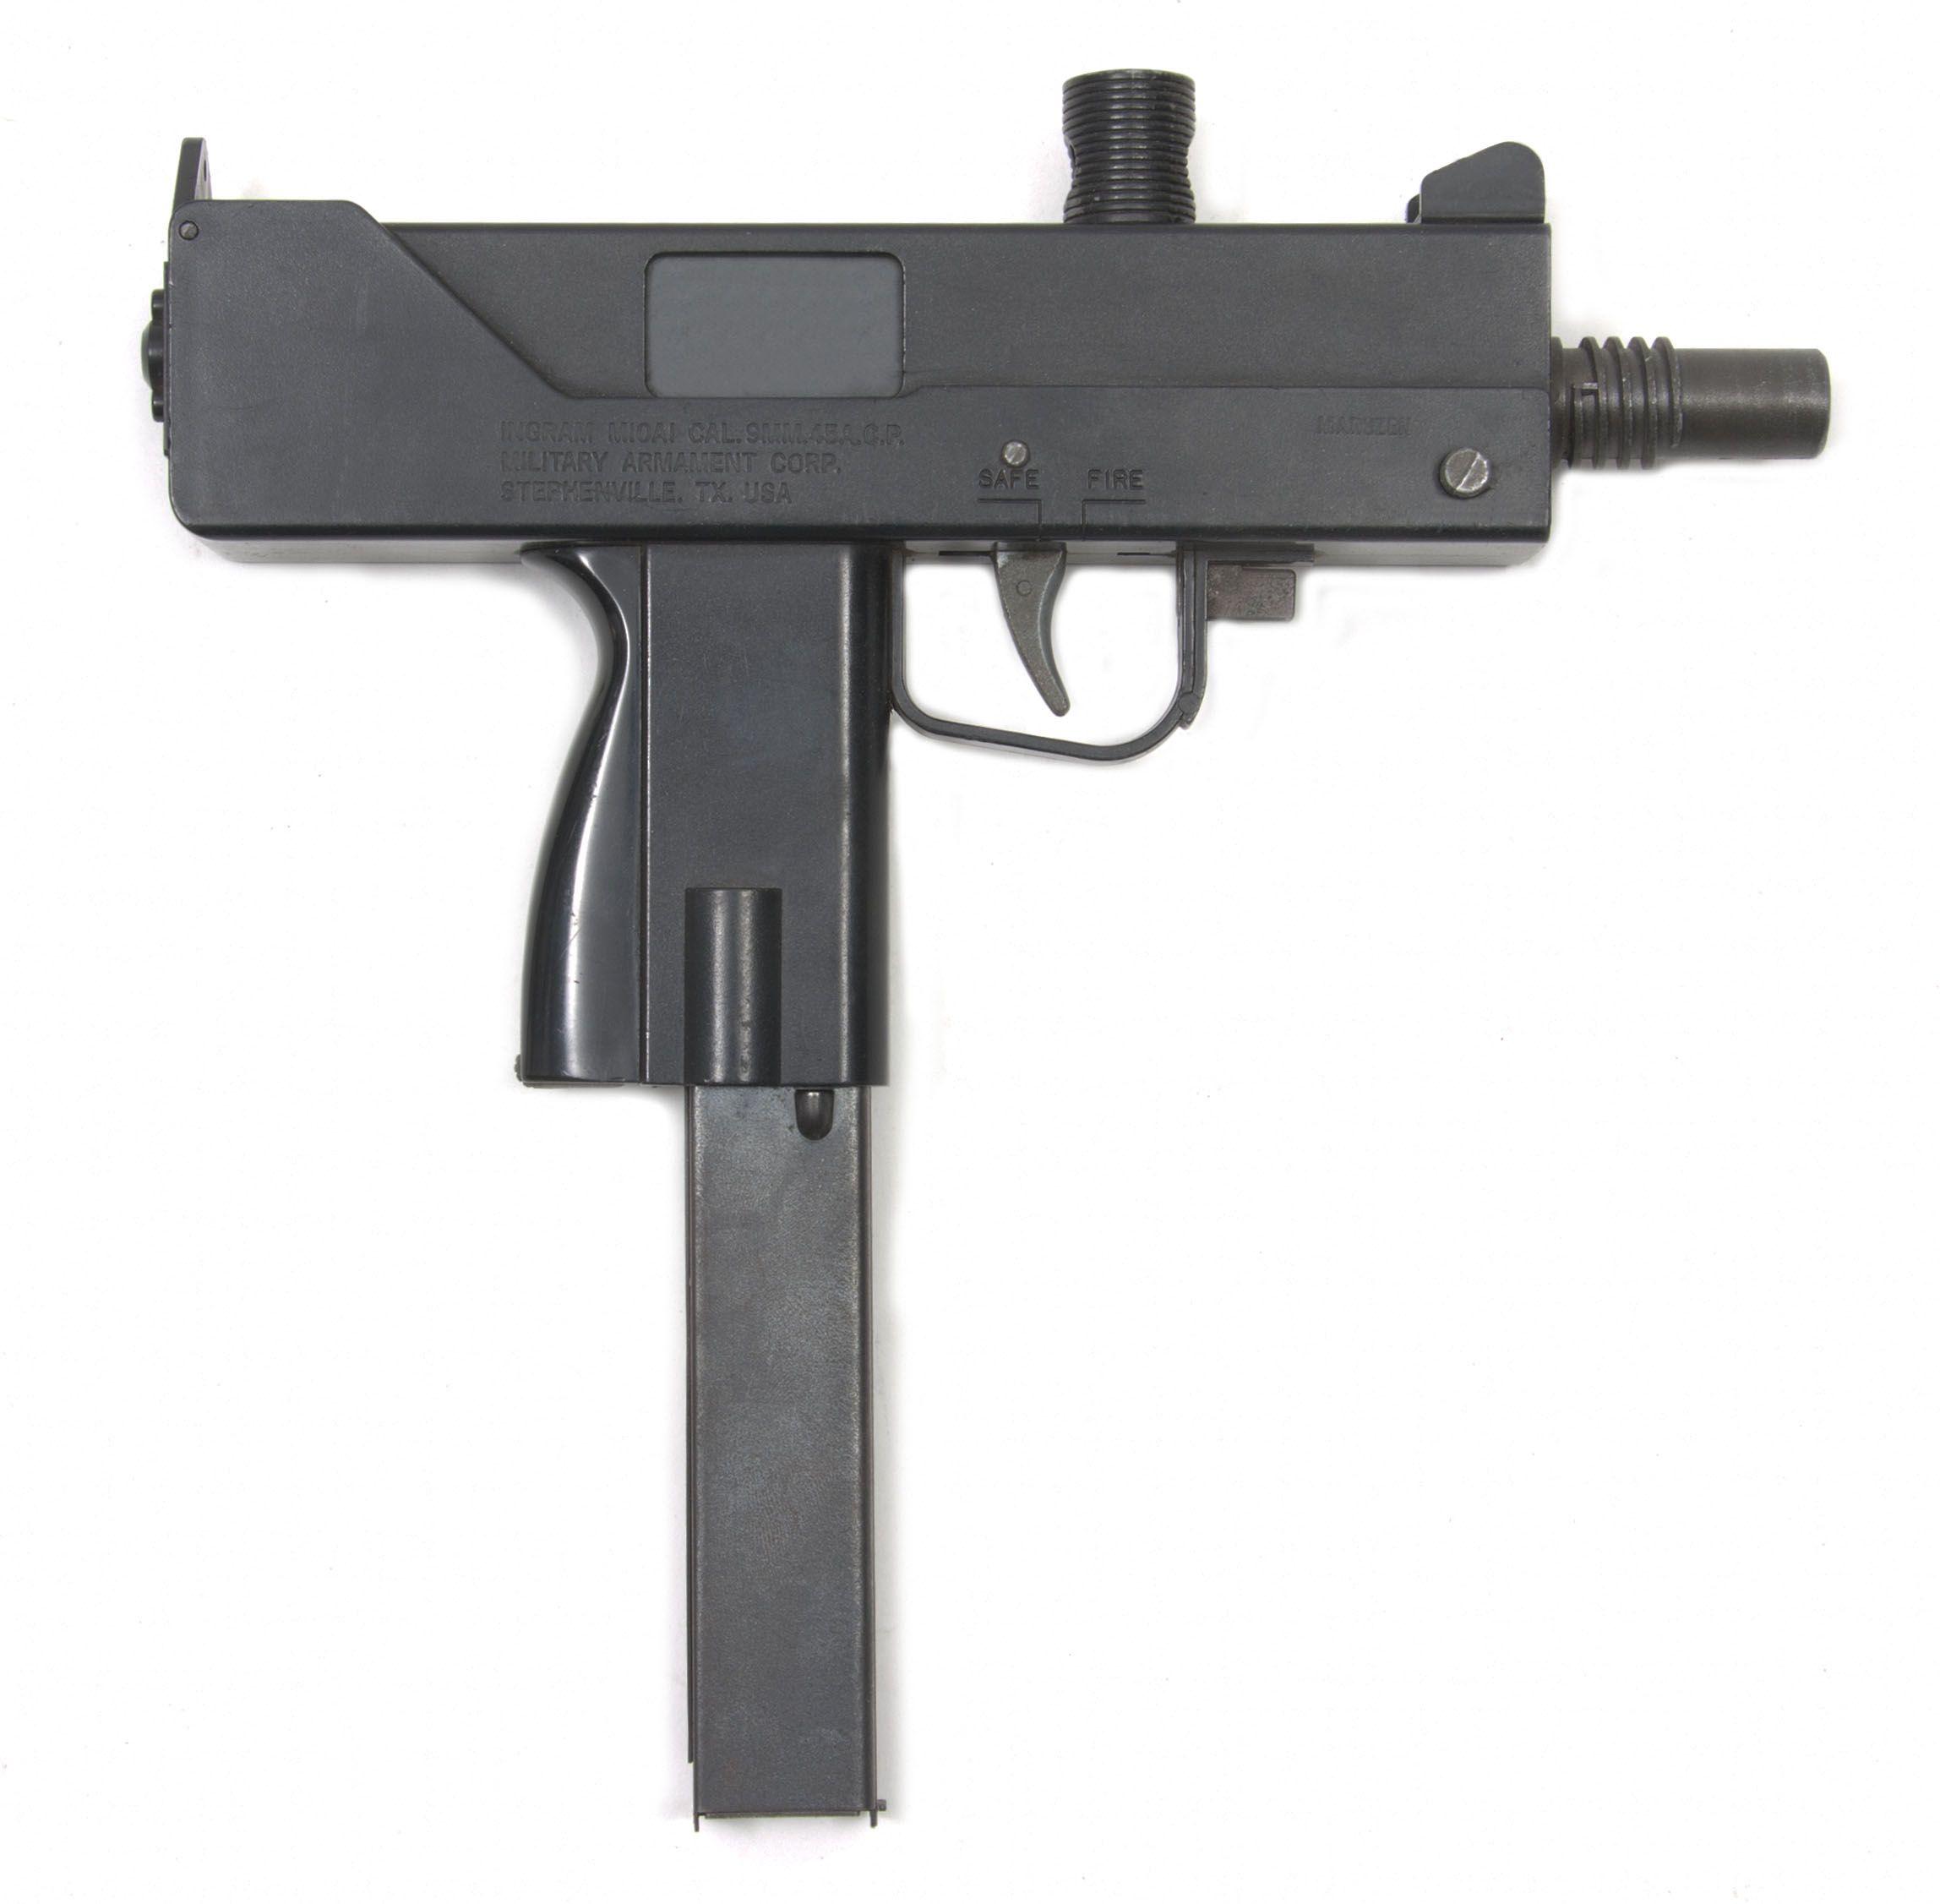 MAC-10 in .45 ACP, Powder Springs/RPB double stamp gun - A MAC 10 ...